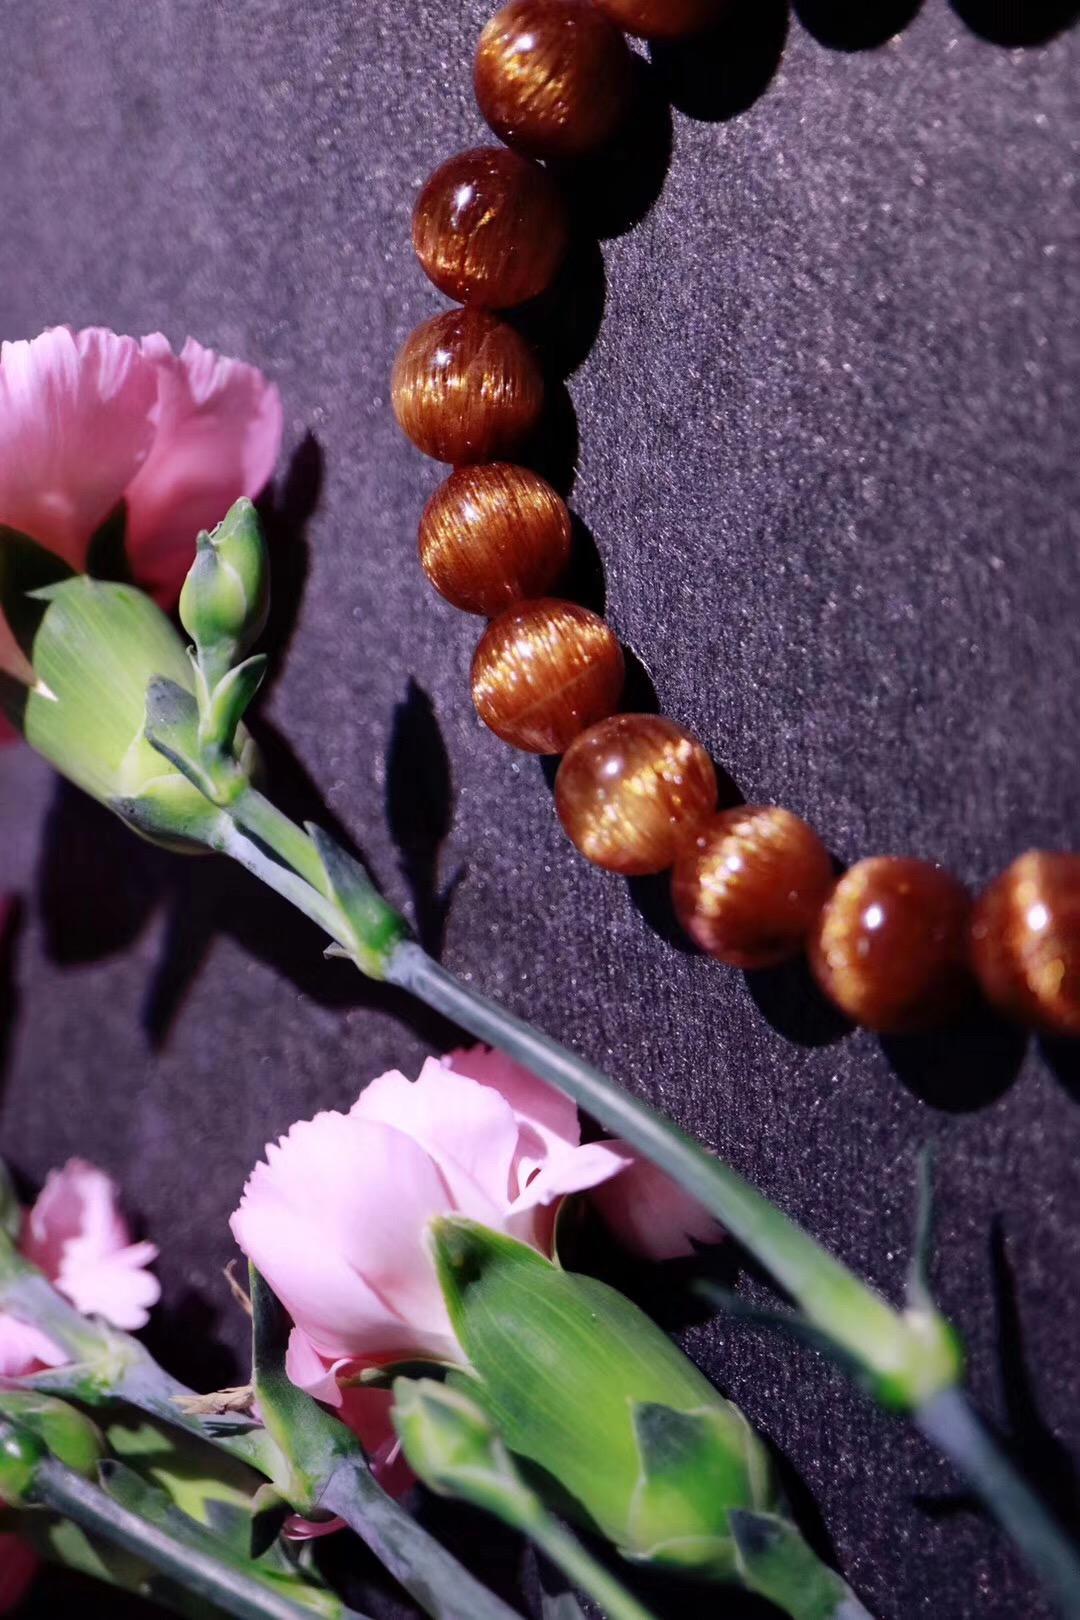 【菩心铜发晶】佩戴铜发晶,寓意富贵、吉祥、有朝气-菩心晶舍